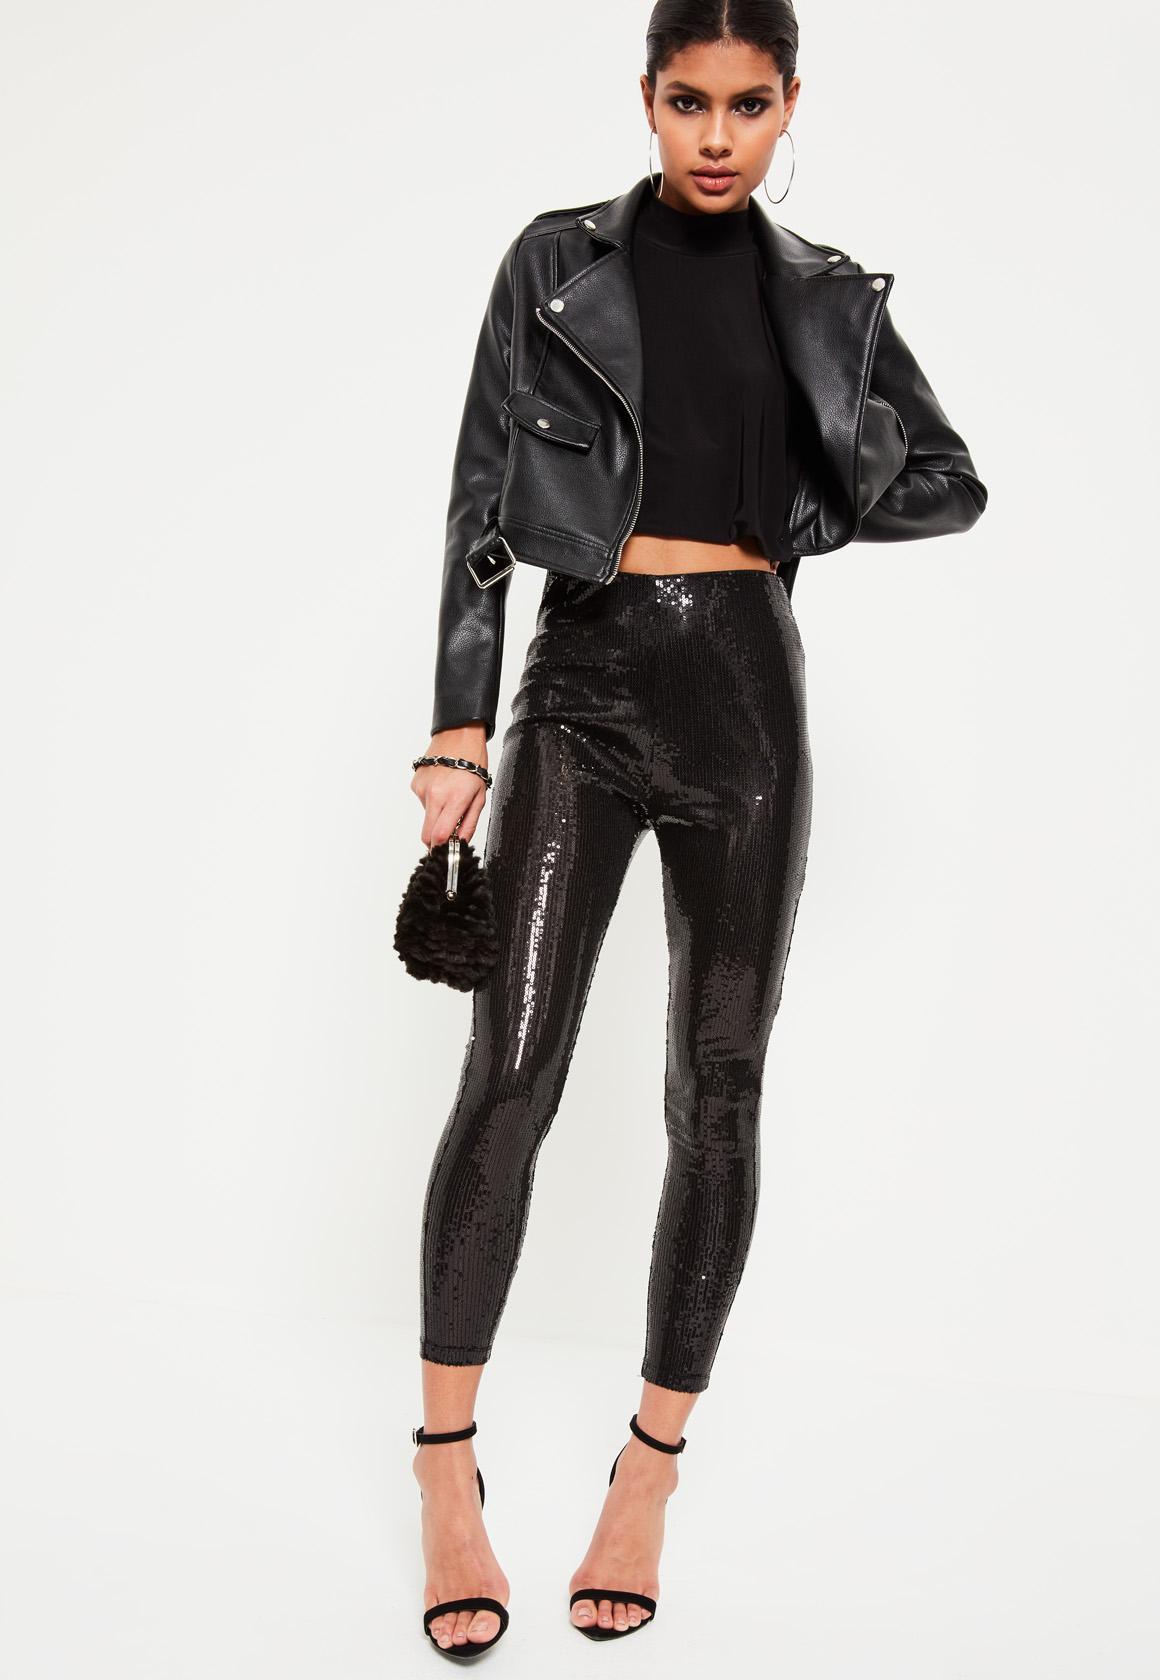 Black All Over Sequin Leggings